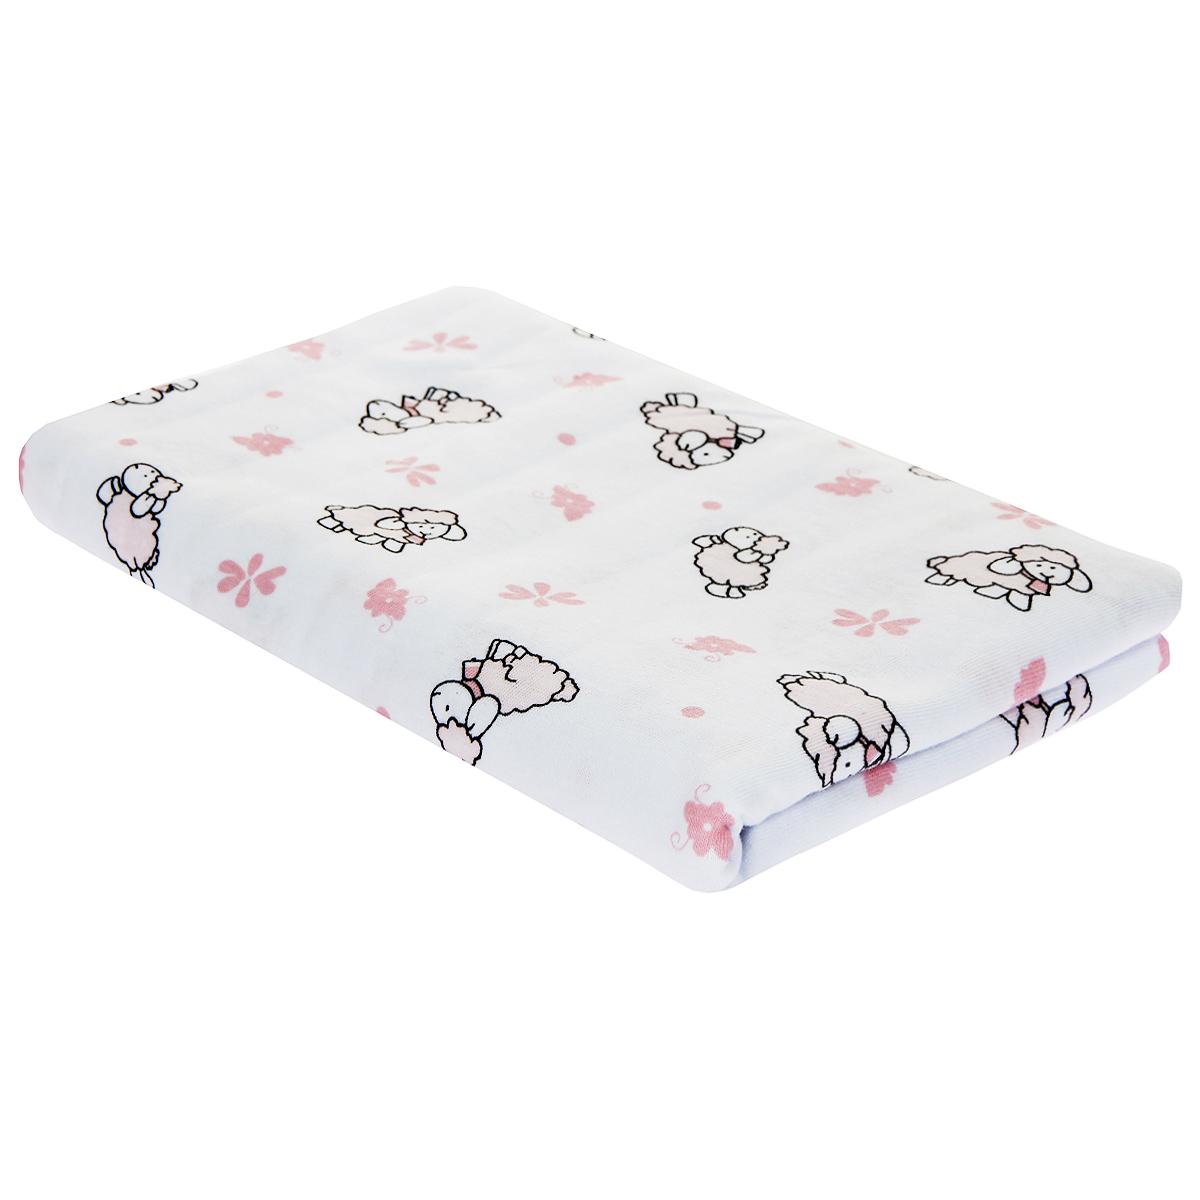 Пеленка детская Трон-Плюс, цвет: белый с розовыми коровками, 120 см х 90 см5411 роз корДетская пеленка Трон-Плюс подходит для пеленания ребенка с самого рождения. Она невероятно мягкая и нежная на ощупь. Пеленка выполнена из футера - хлопчатобумажной ткани с небольшим начесом с изнаночной стороны. Такая ткань прекрасно дышит, она гипоаллергенна, обладает повышенными теплоизоляционными свойствами и не теряет формы после стирки. Мягкая ткань укутывает малыша с необычайной нежностью. Пеленку также можно использовать как легкое одеяло в теплую погоду, простынку, полотенце после купания, накидку для кормления грудью или как согревающий компресс при коликах. Пеленочка белого цвета оформлена изображениями розовых облаков и коровок. Ее размер подходит для пеленания даже крупного малыша. Характеристики:Размер пеленки: 120 см x 90 см.